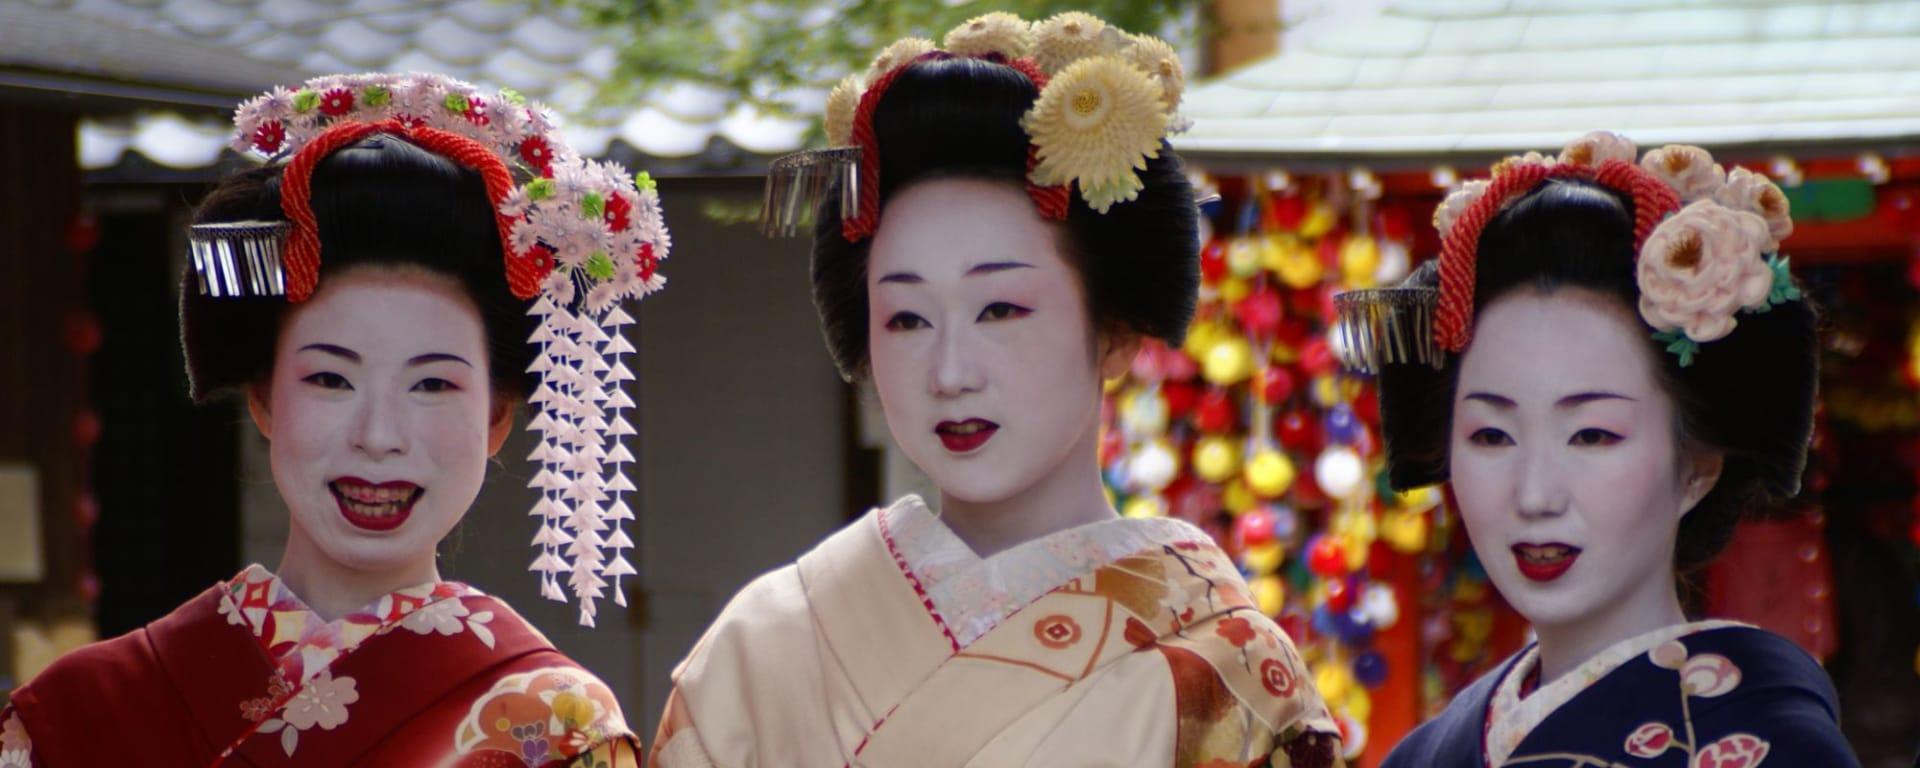 Côté méconnu de Kyoto à vélo - demi journée: Geishas Kyoto 1